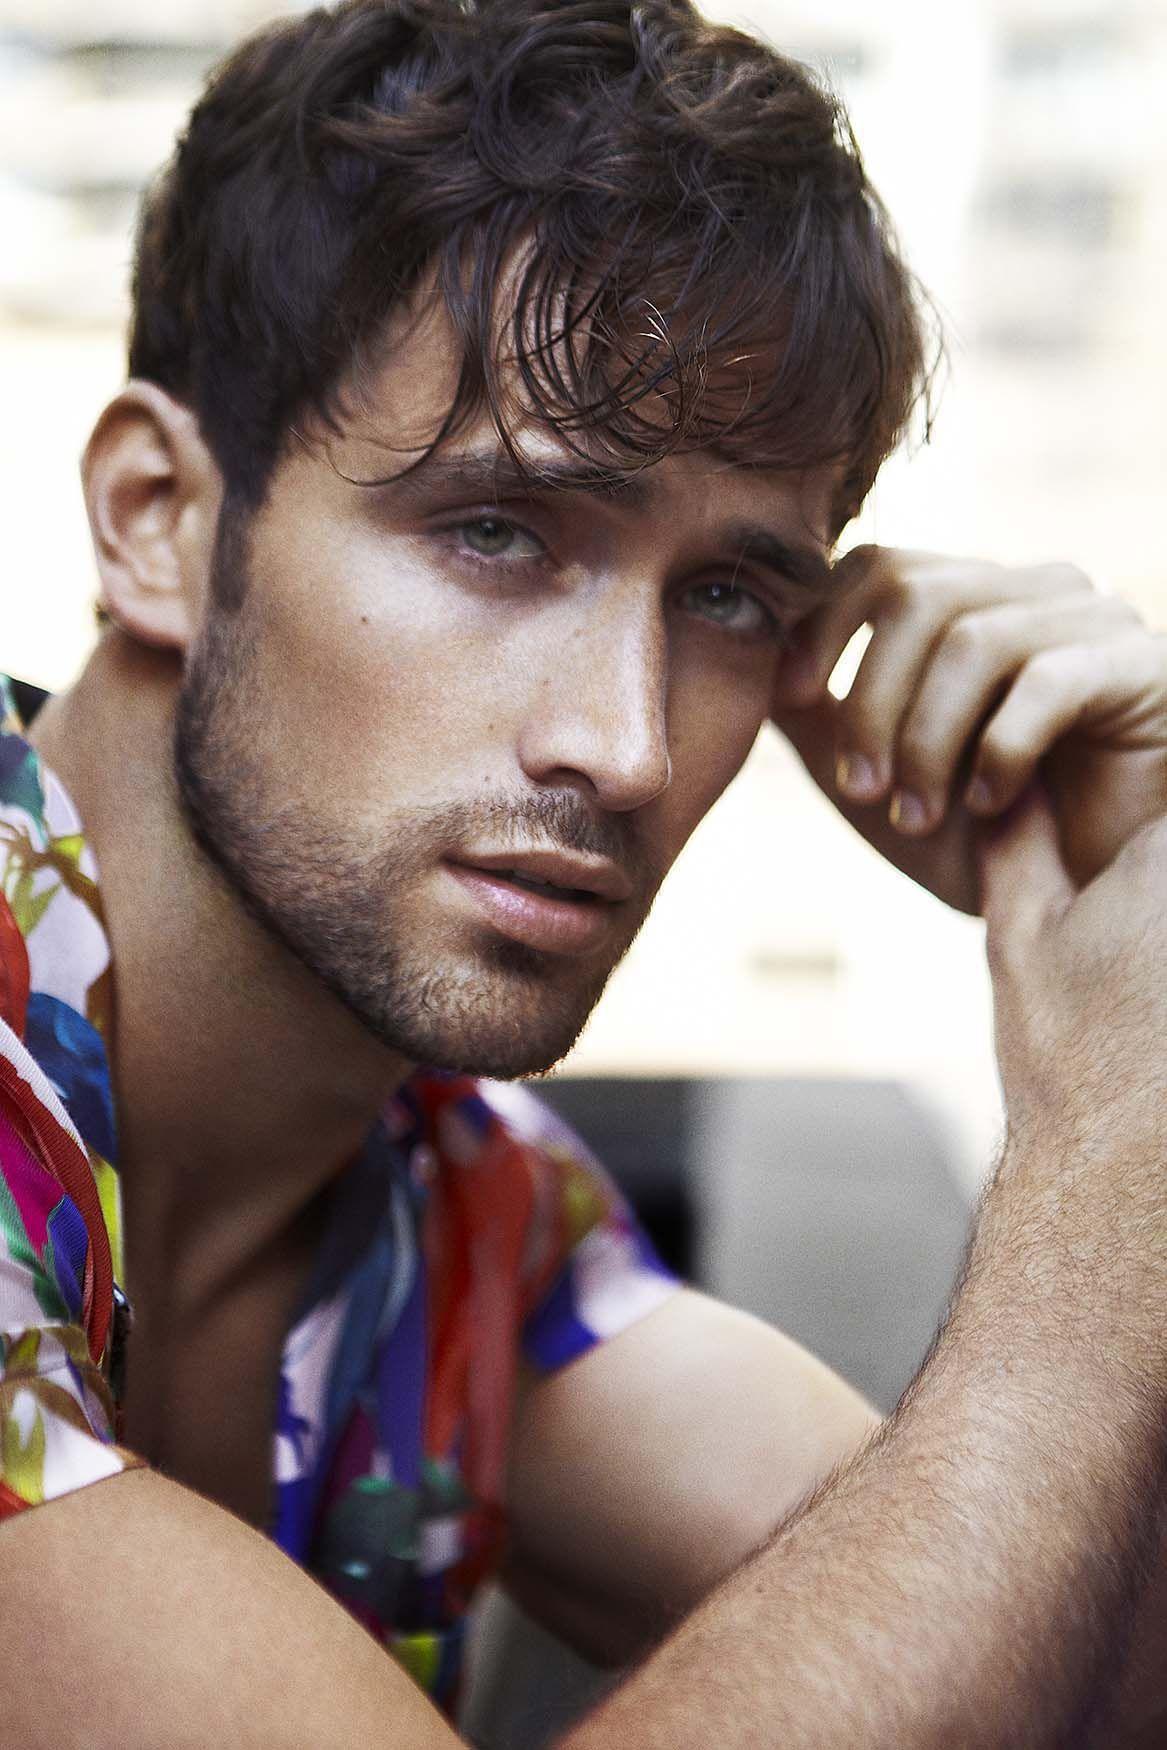 ярких фото испанских красивых мужчин поезде есть полевой